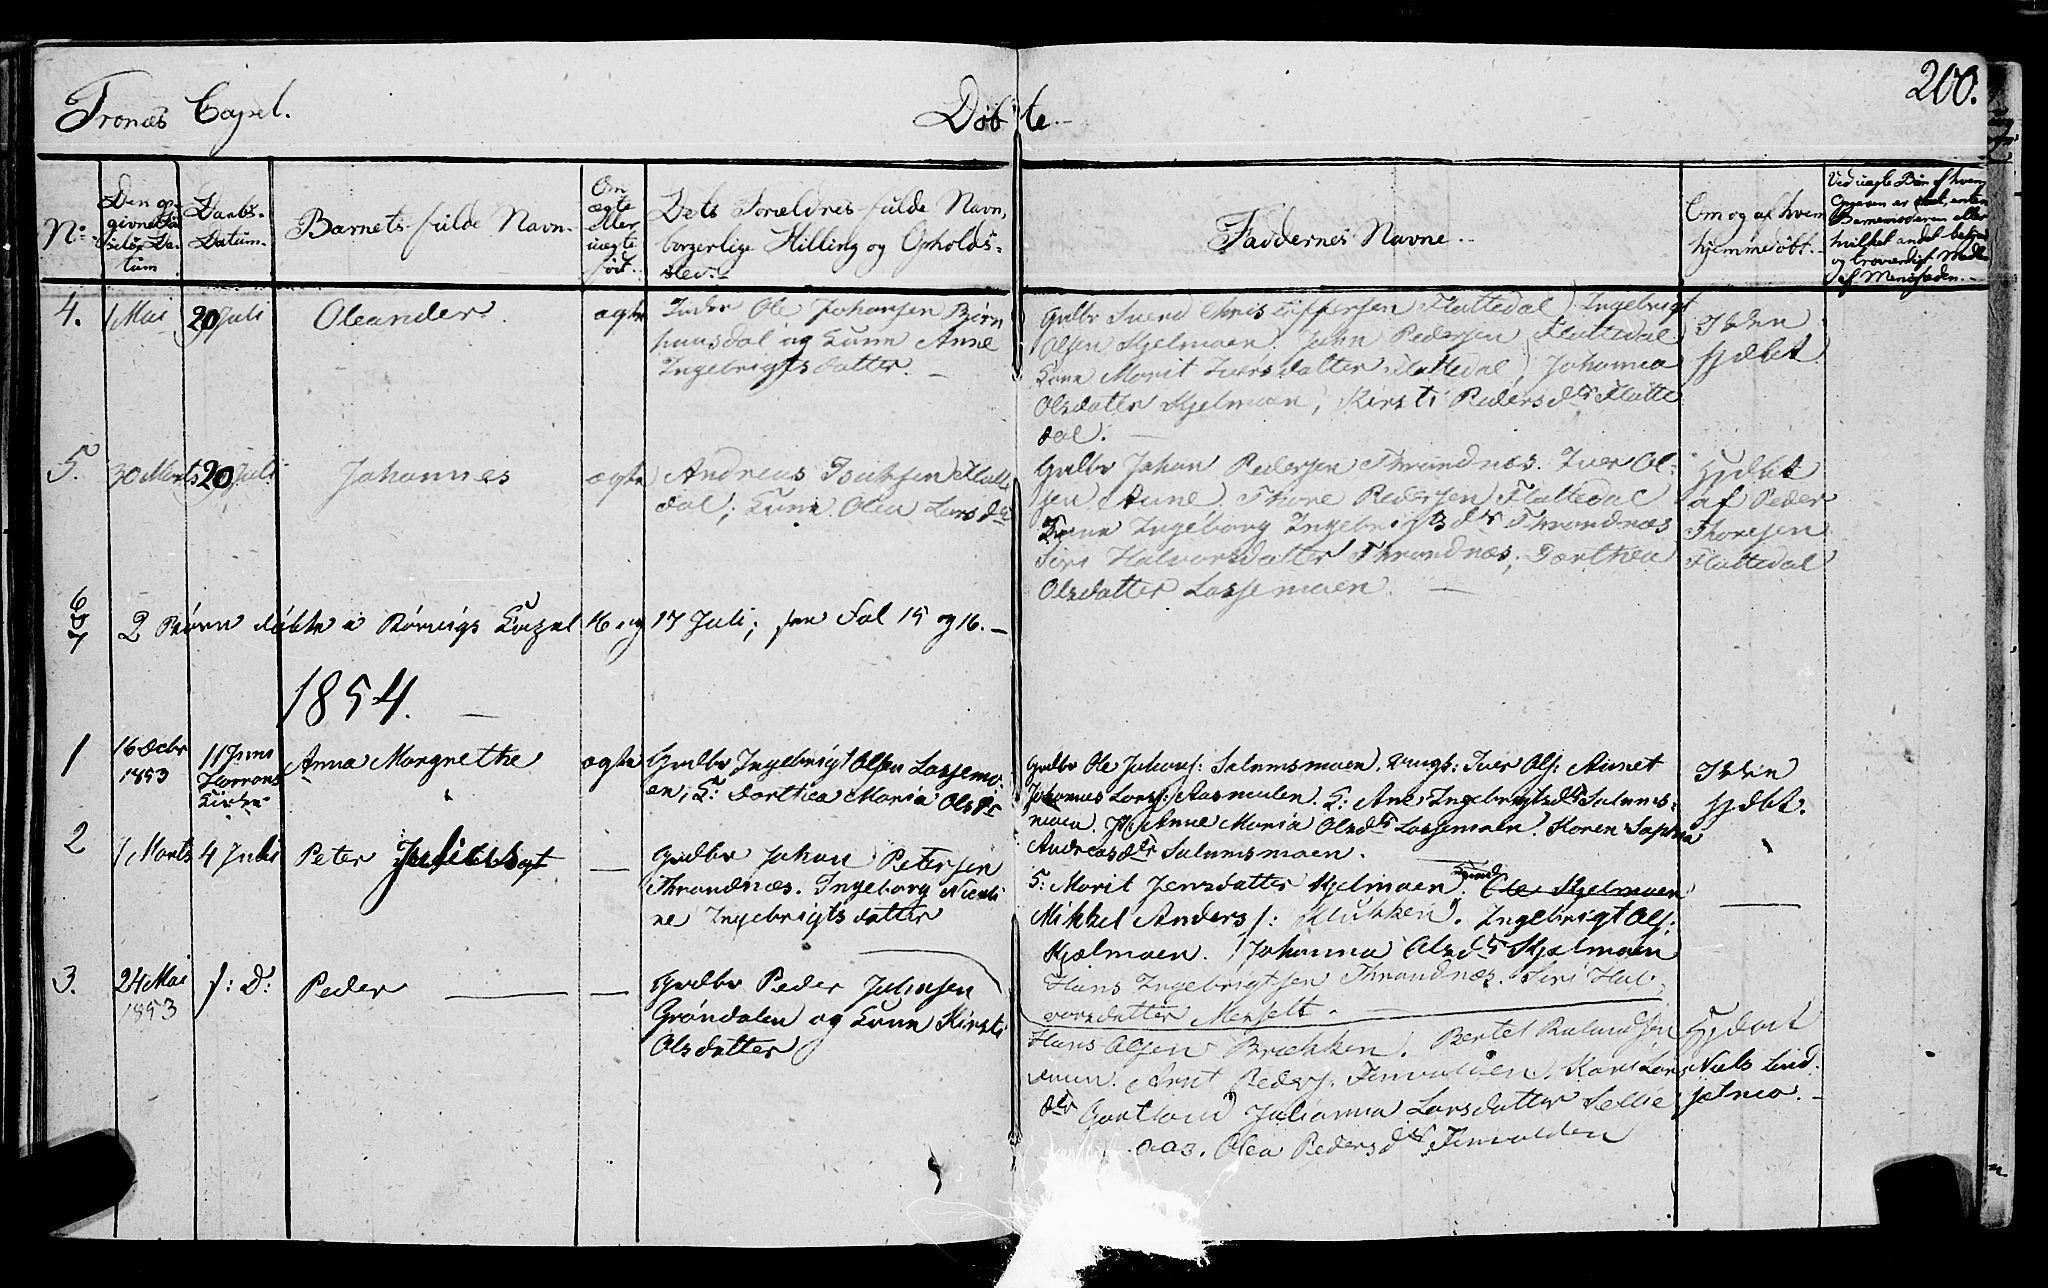 SAT, Ministerialprotokoller, klokkerbøker og fødselsregistre - Nord-Trøndelag, 762/L0538: Ministerialbok nr. 762A02 /2, 1833-1879, s. 200